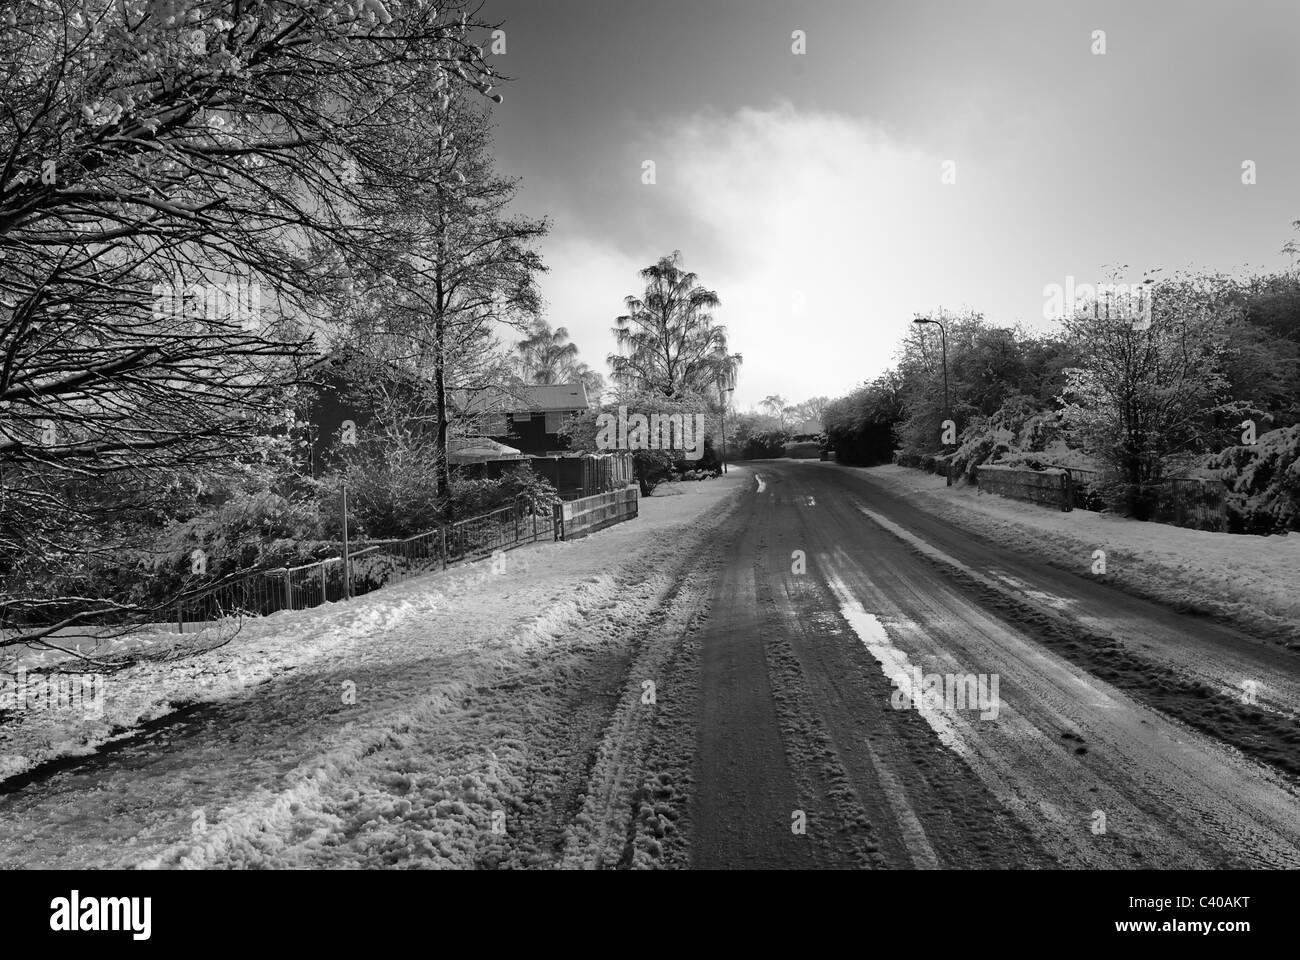 Strade ghiacciate. Nero/bianco fotografia di Guttridge Lane, Tadley, Hampshire, Inghilterra, UK, Regno Unito Immagini Stock